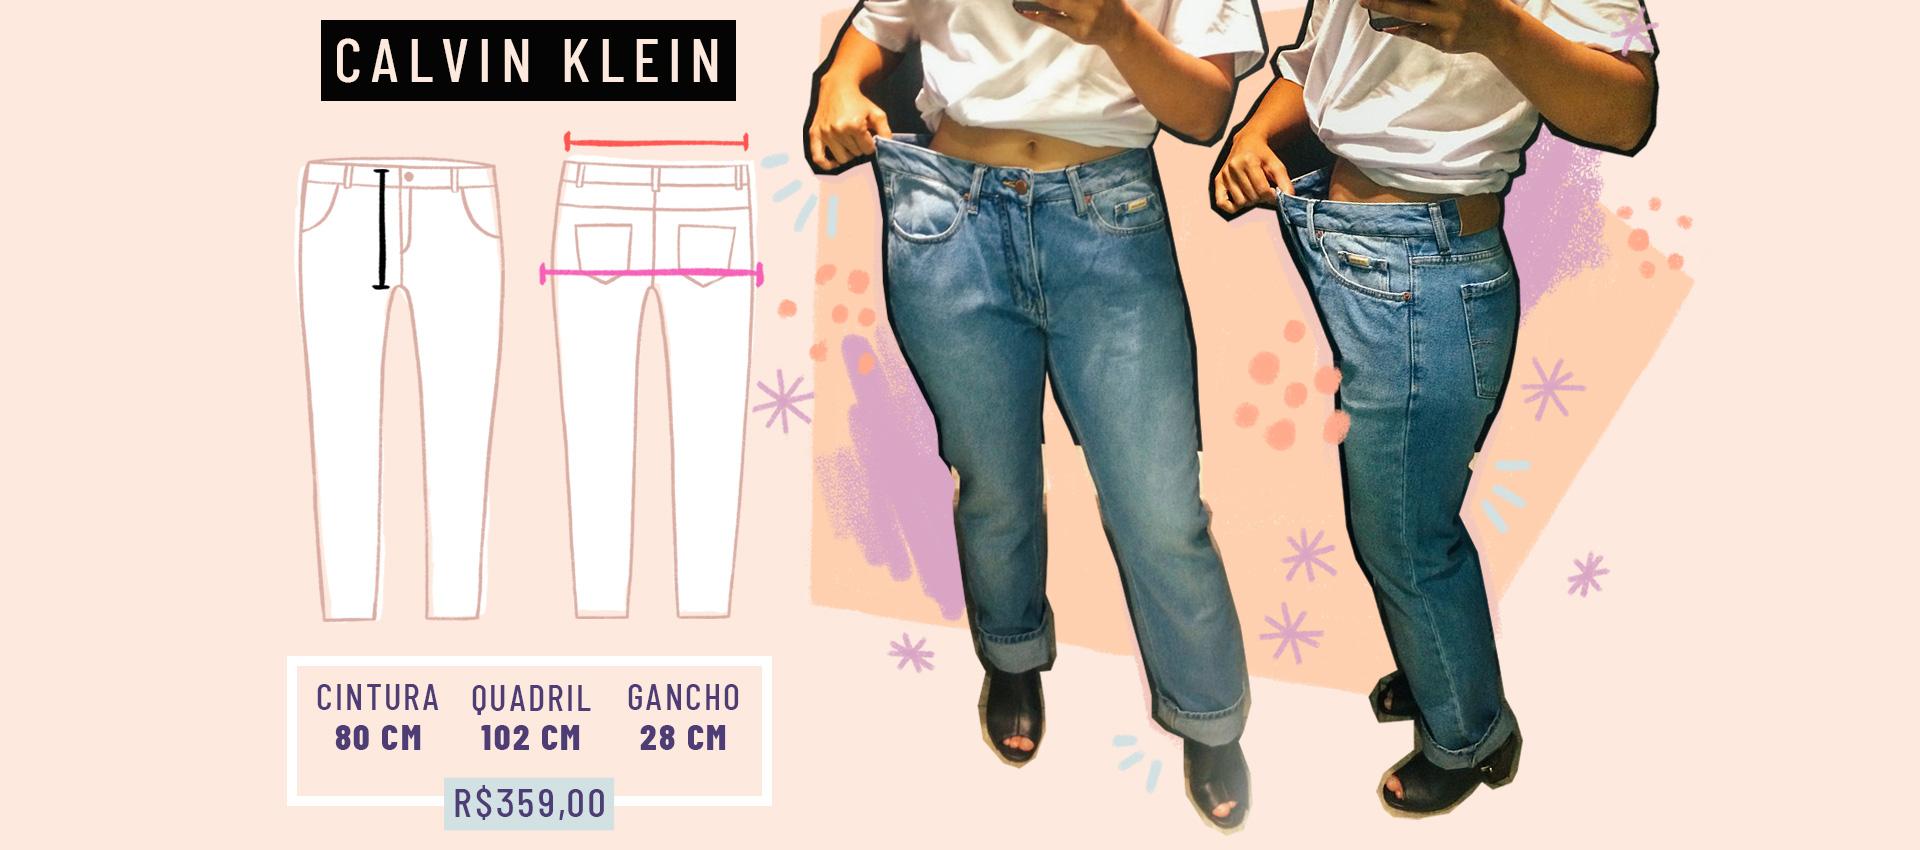 """f82f2ff73e95 Na Calvin Klein, a numeração é a mesma usada no exterior. Por isso, a  repórter pediu à vendedora o número 40, e a vendedora trouxe o 28. """"A calça  serviu bem ..."""